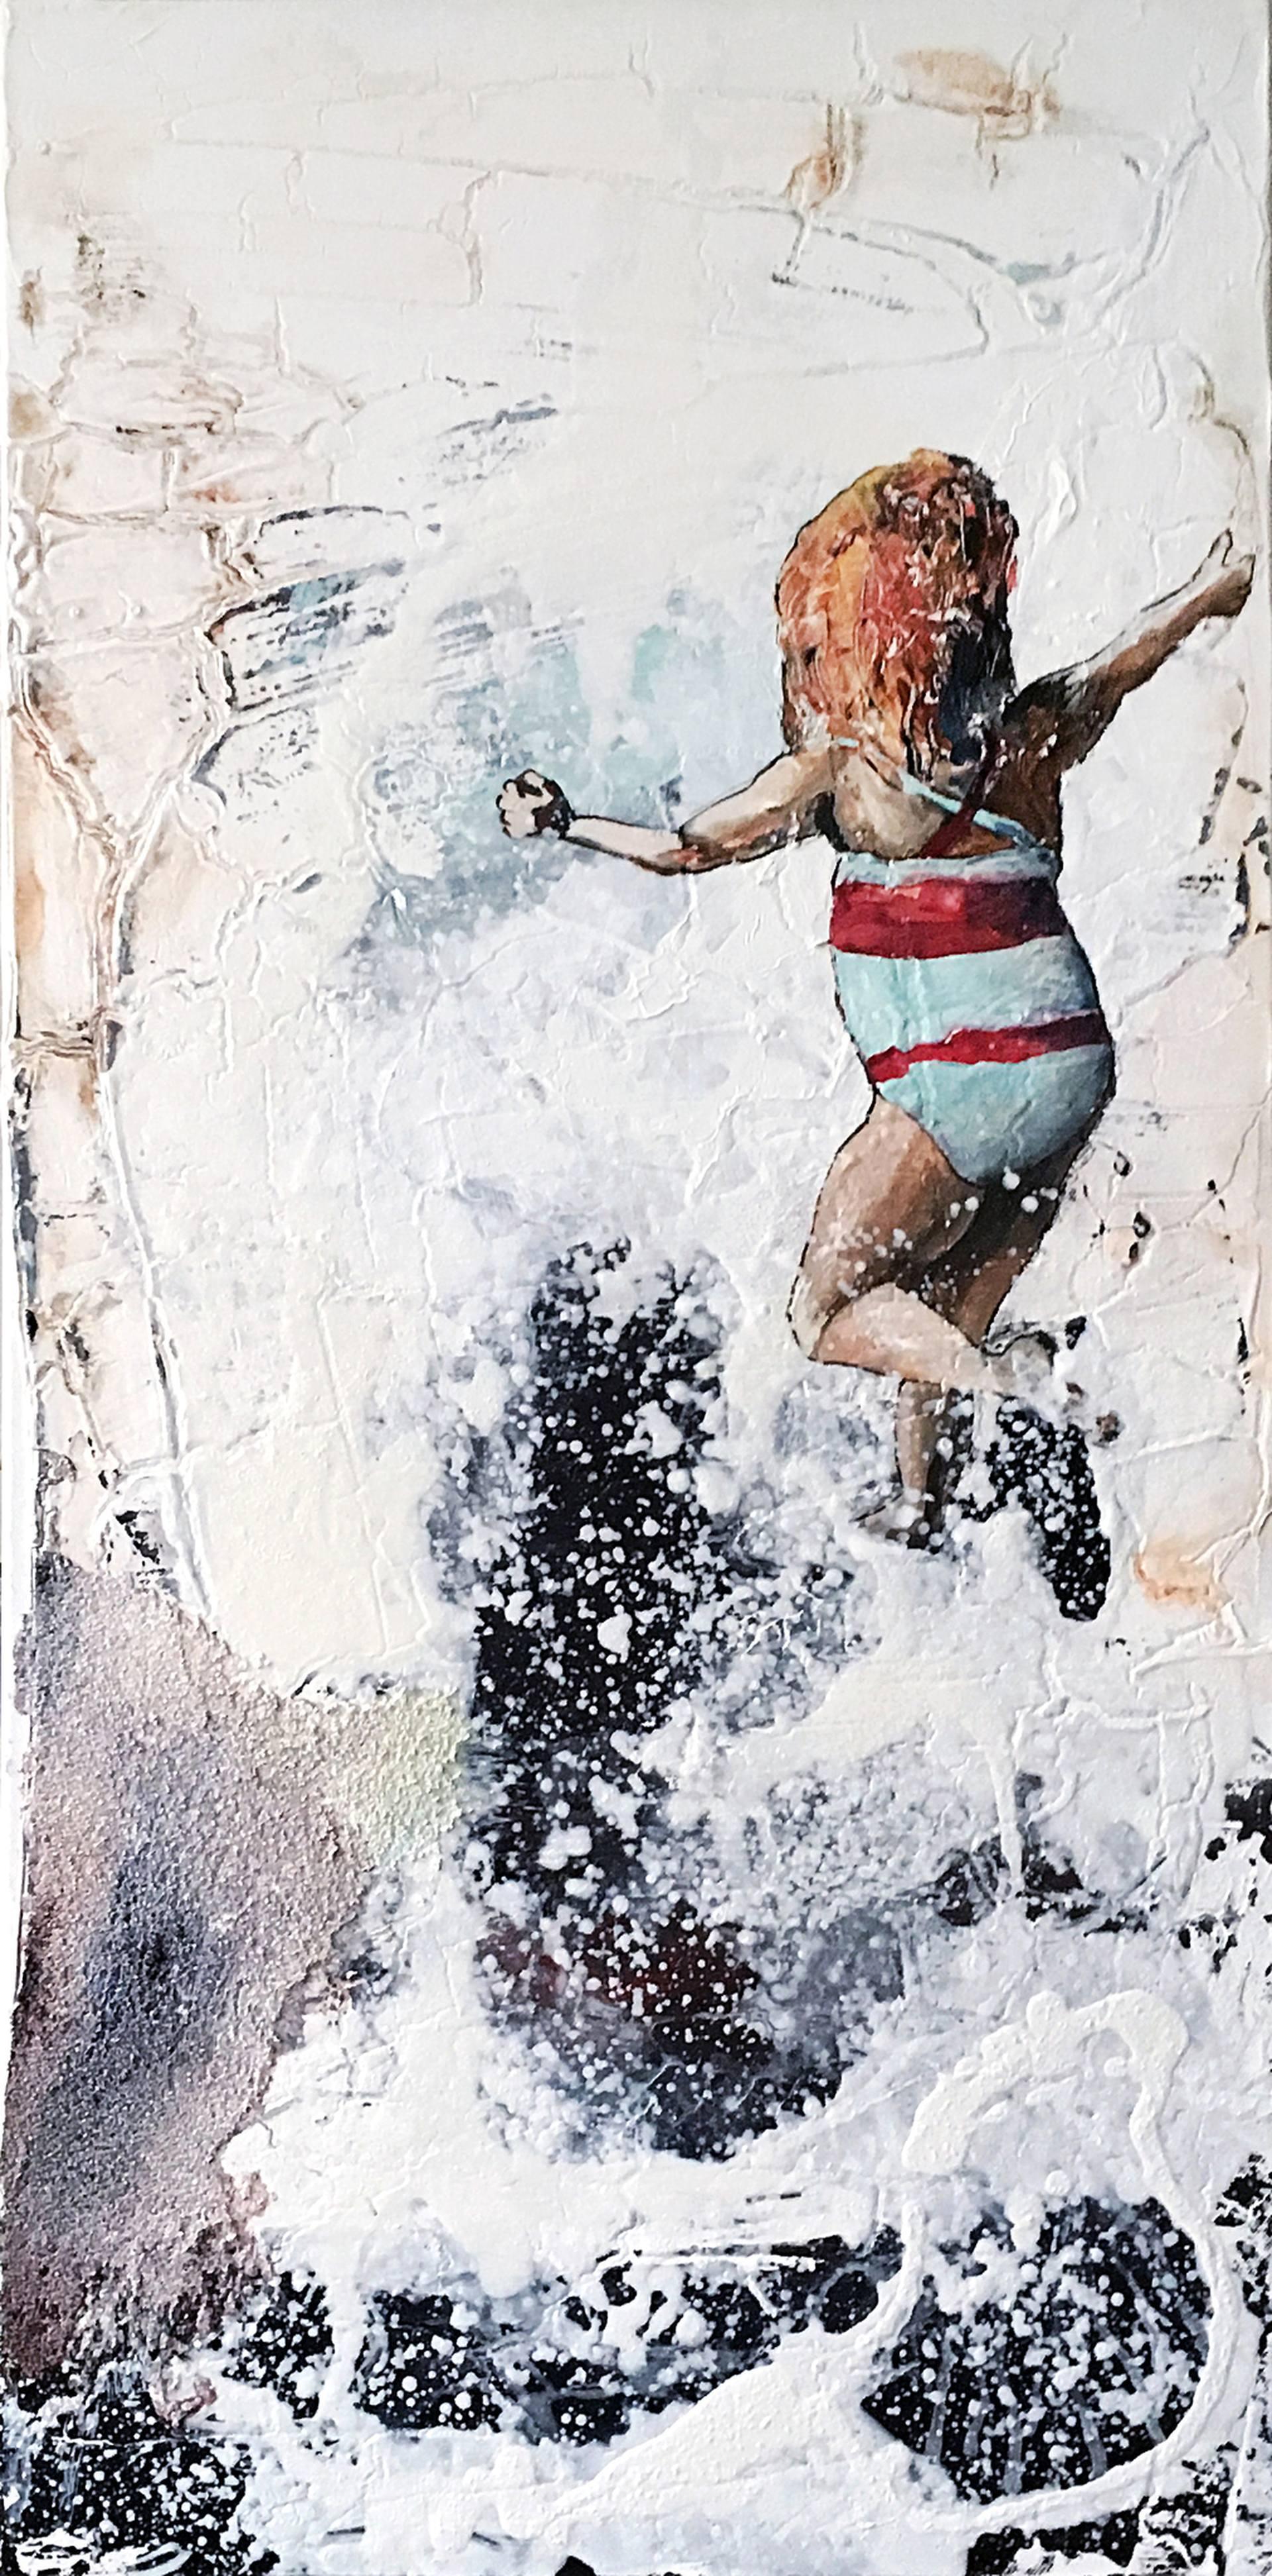 Risultati immagini per Stadtstrand 99 Painting, 31.5 H x 15.7 W x 1.6 in Tobias Hartmann